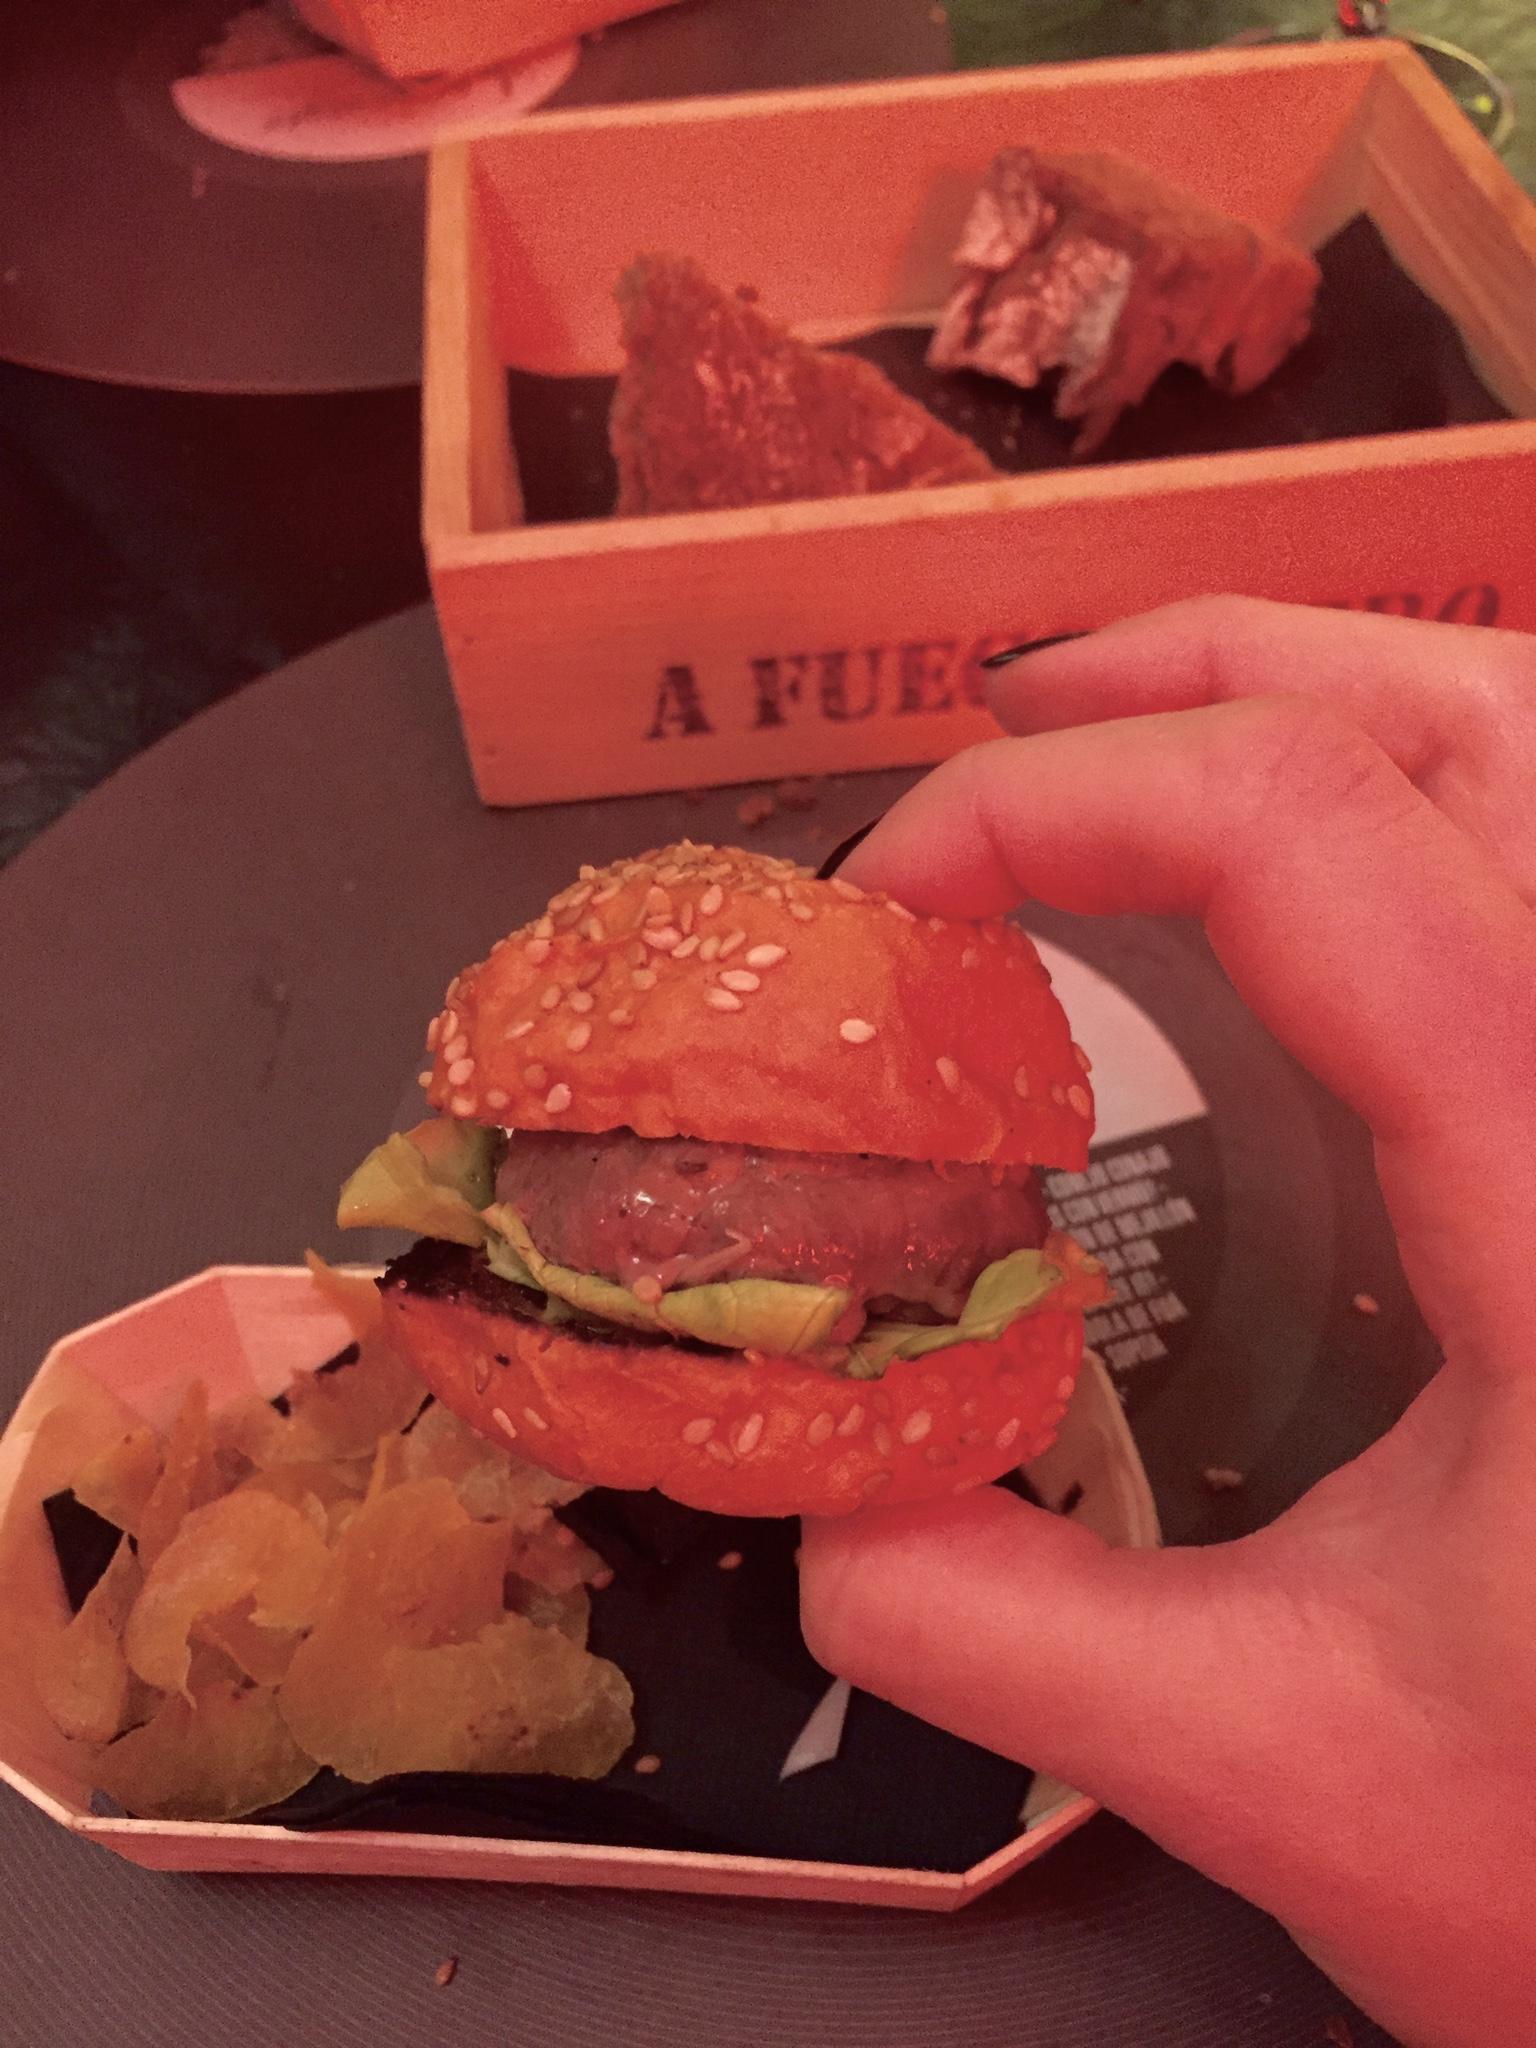 Miniburger ar A Fuego Negro